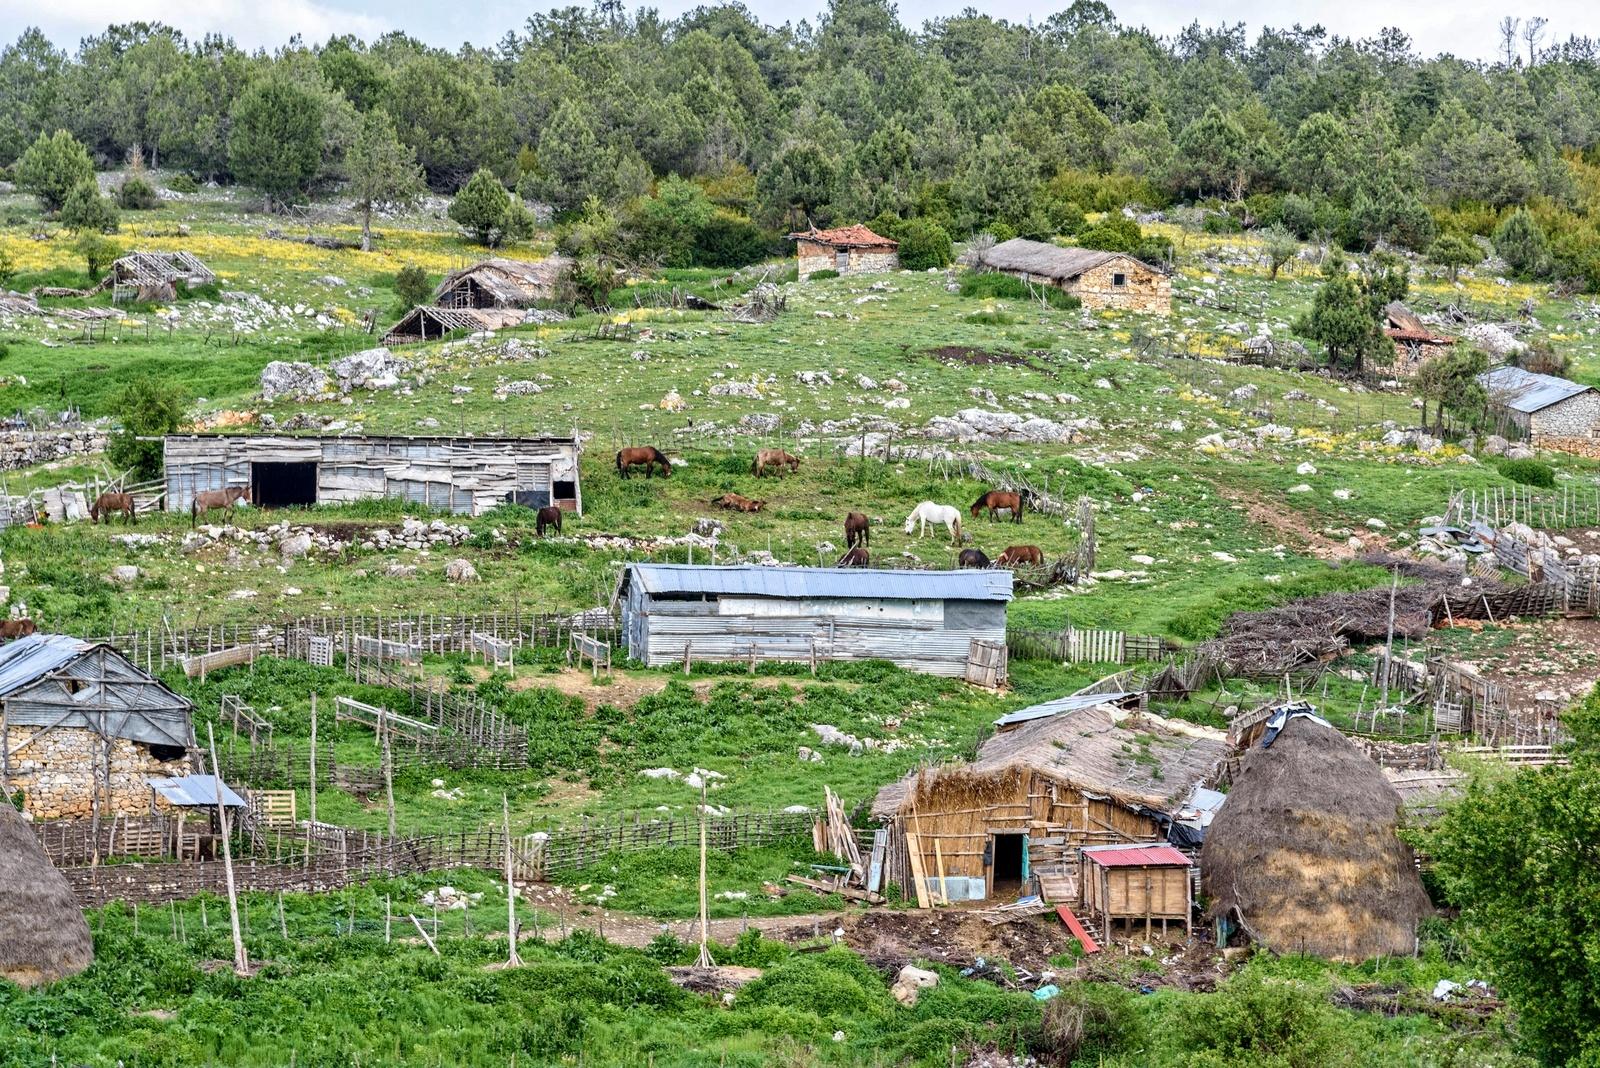 Rural. by Stamatis Vlahos